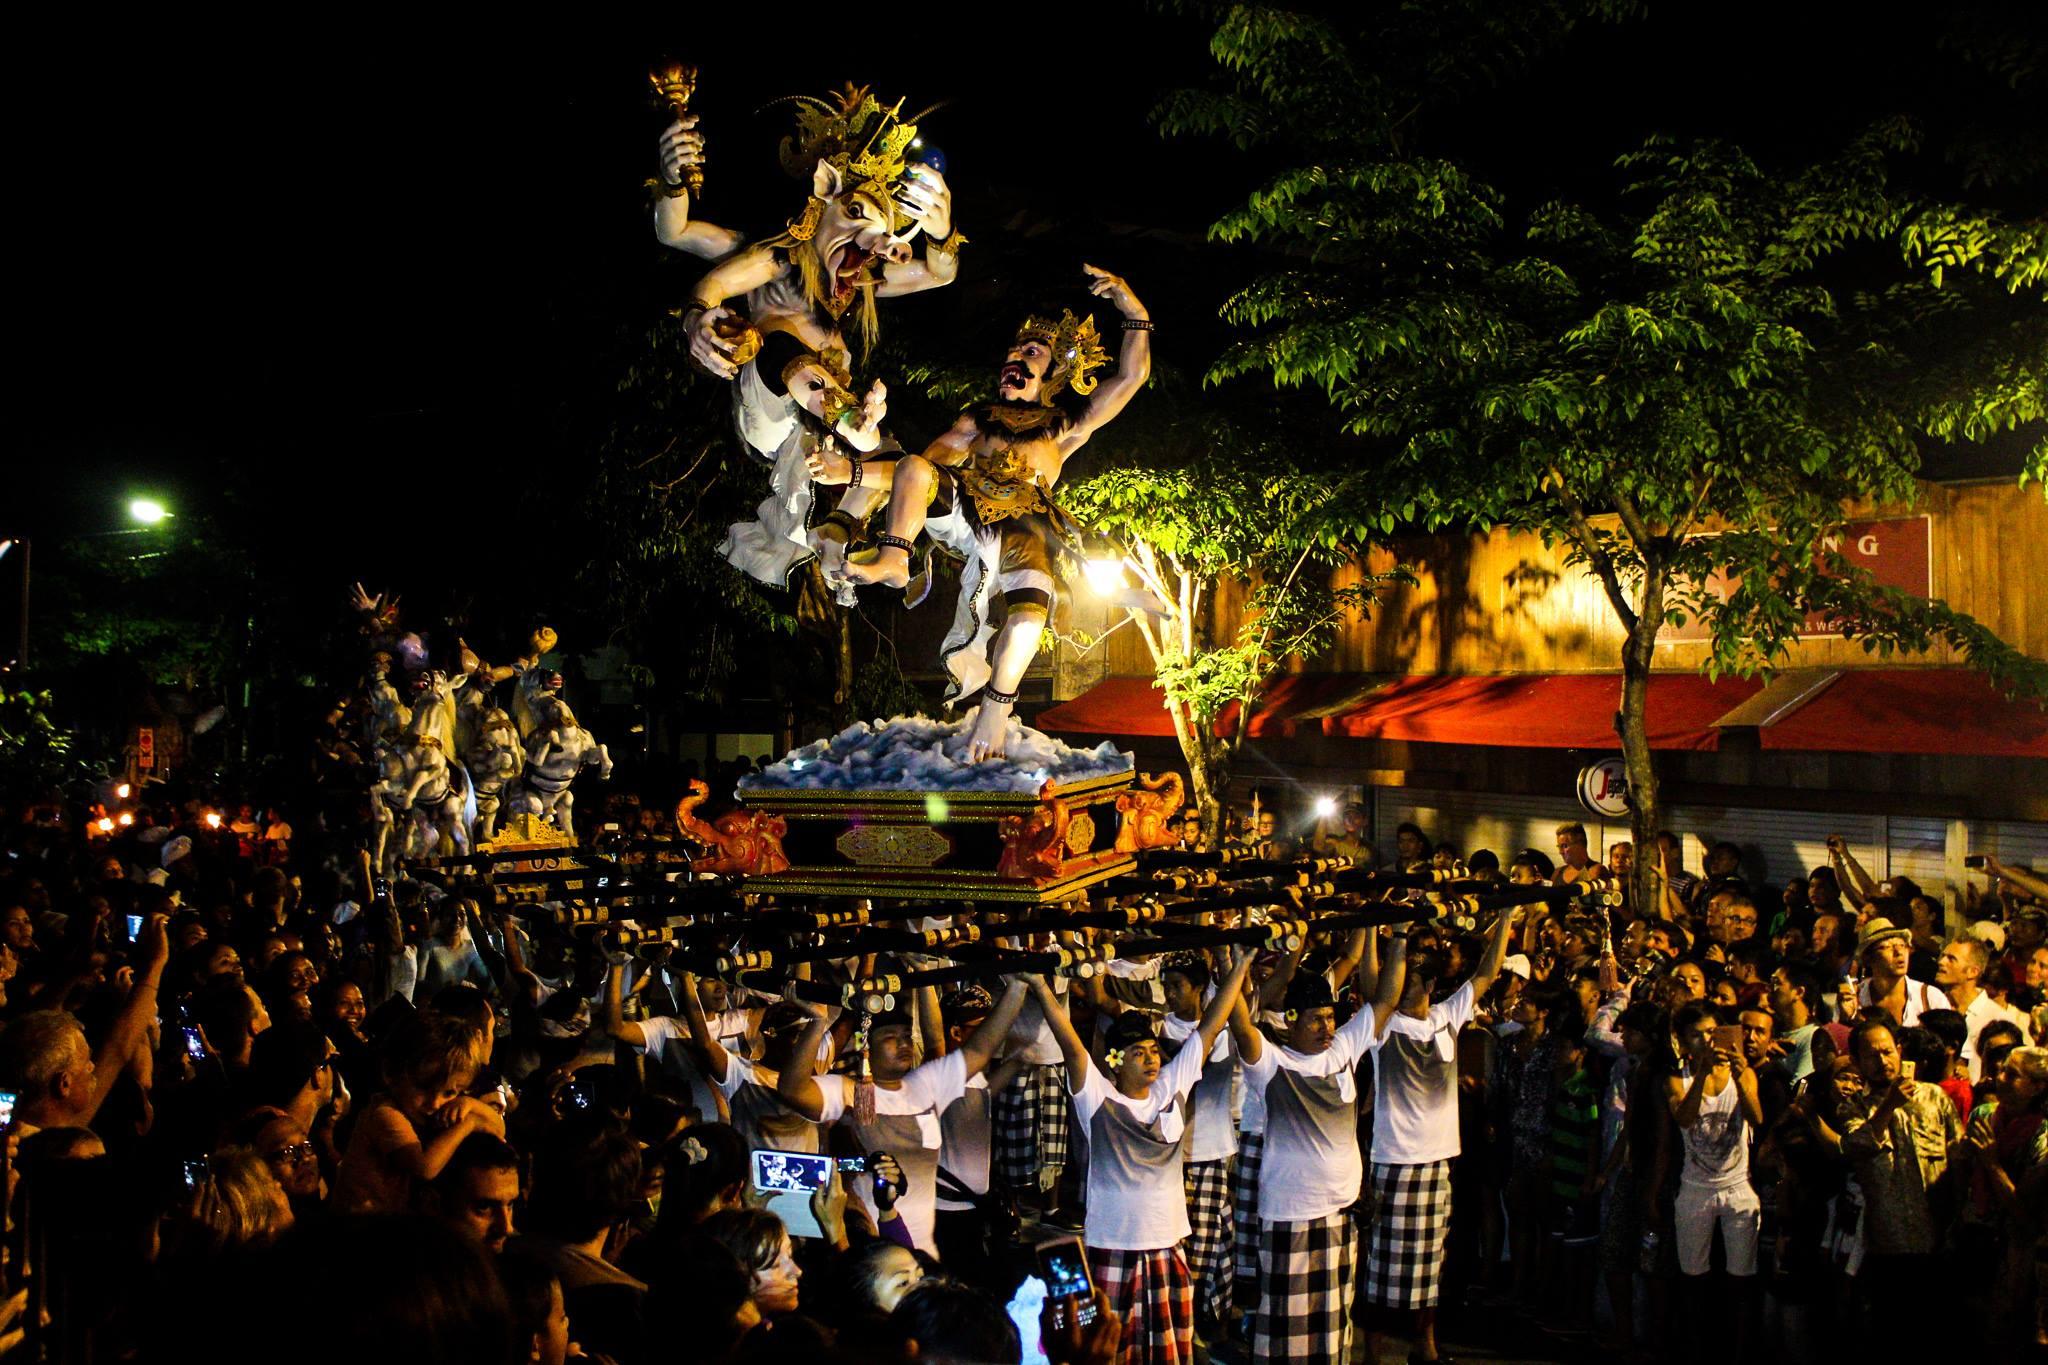 kamandalu-ubud-retreat-center-indonesia-12